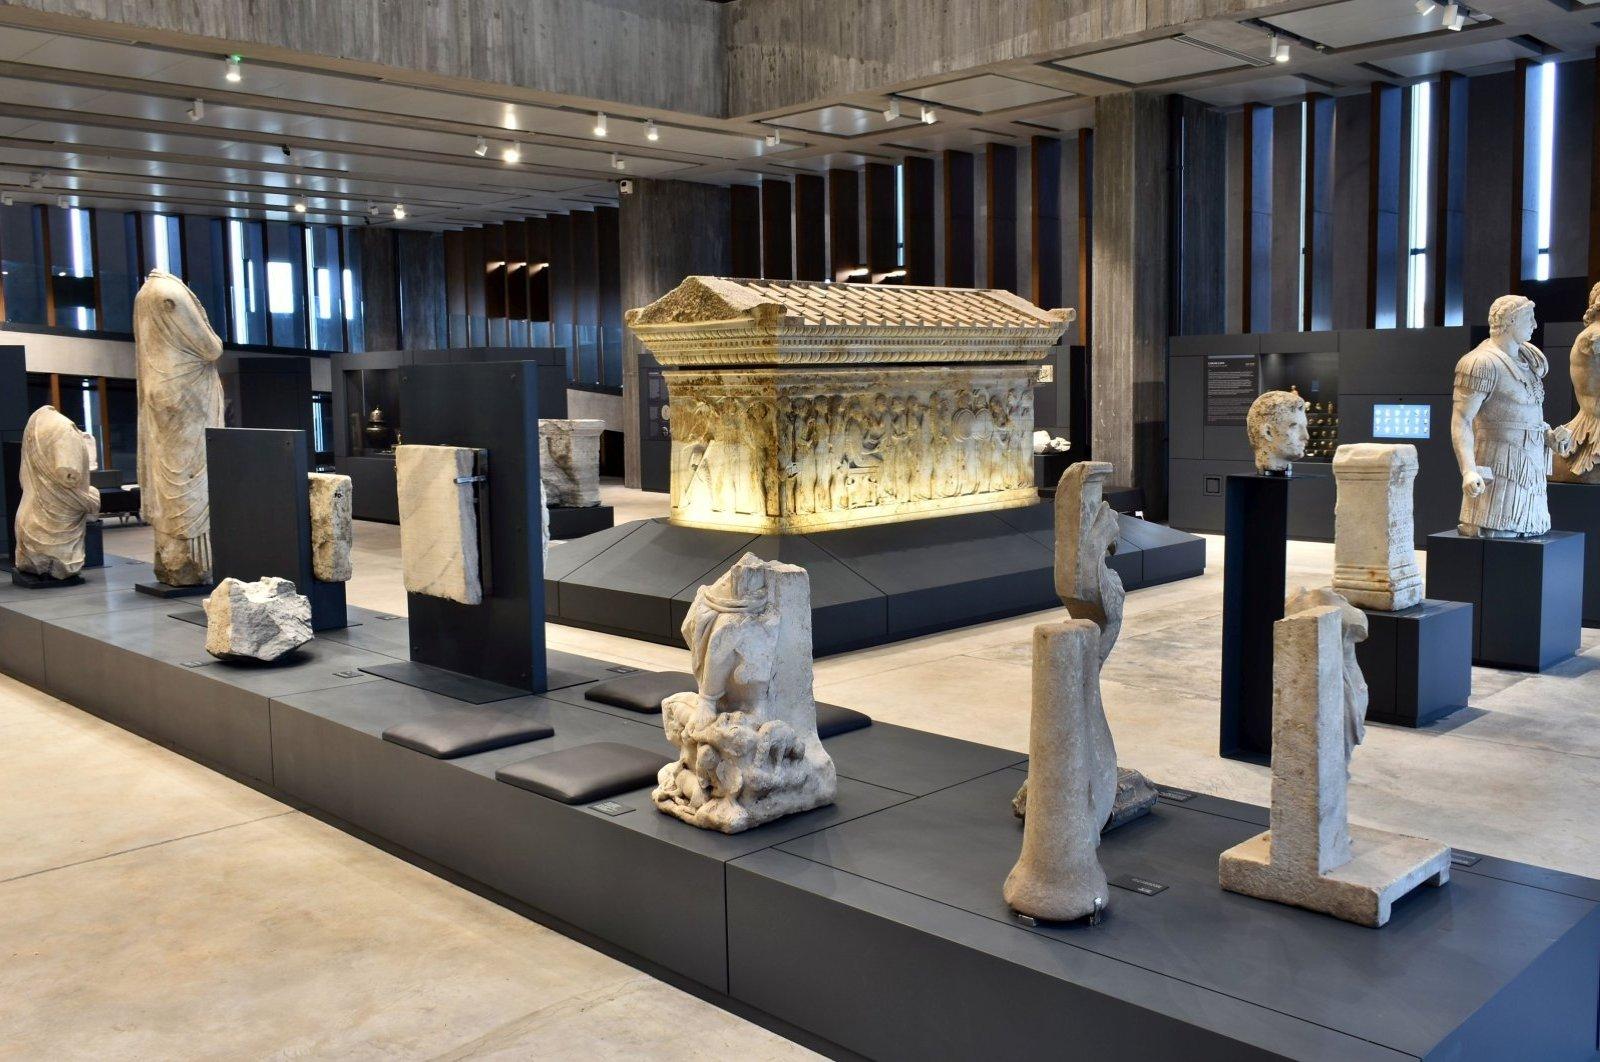 Turkey's Troy, Odunpazarı museums receive prestigious EMYA awards